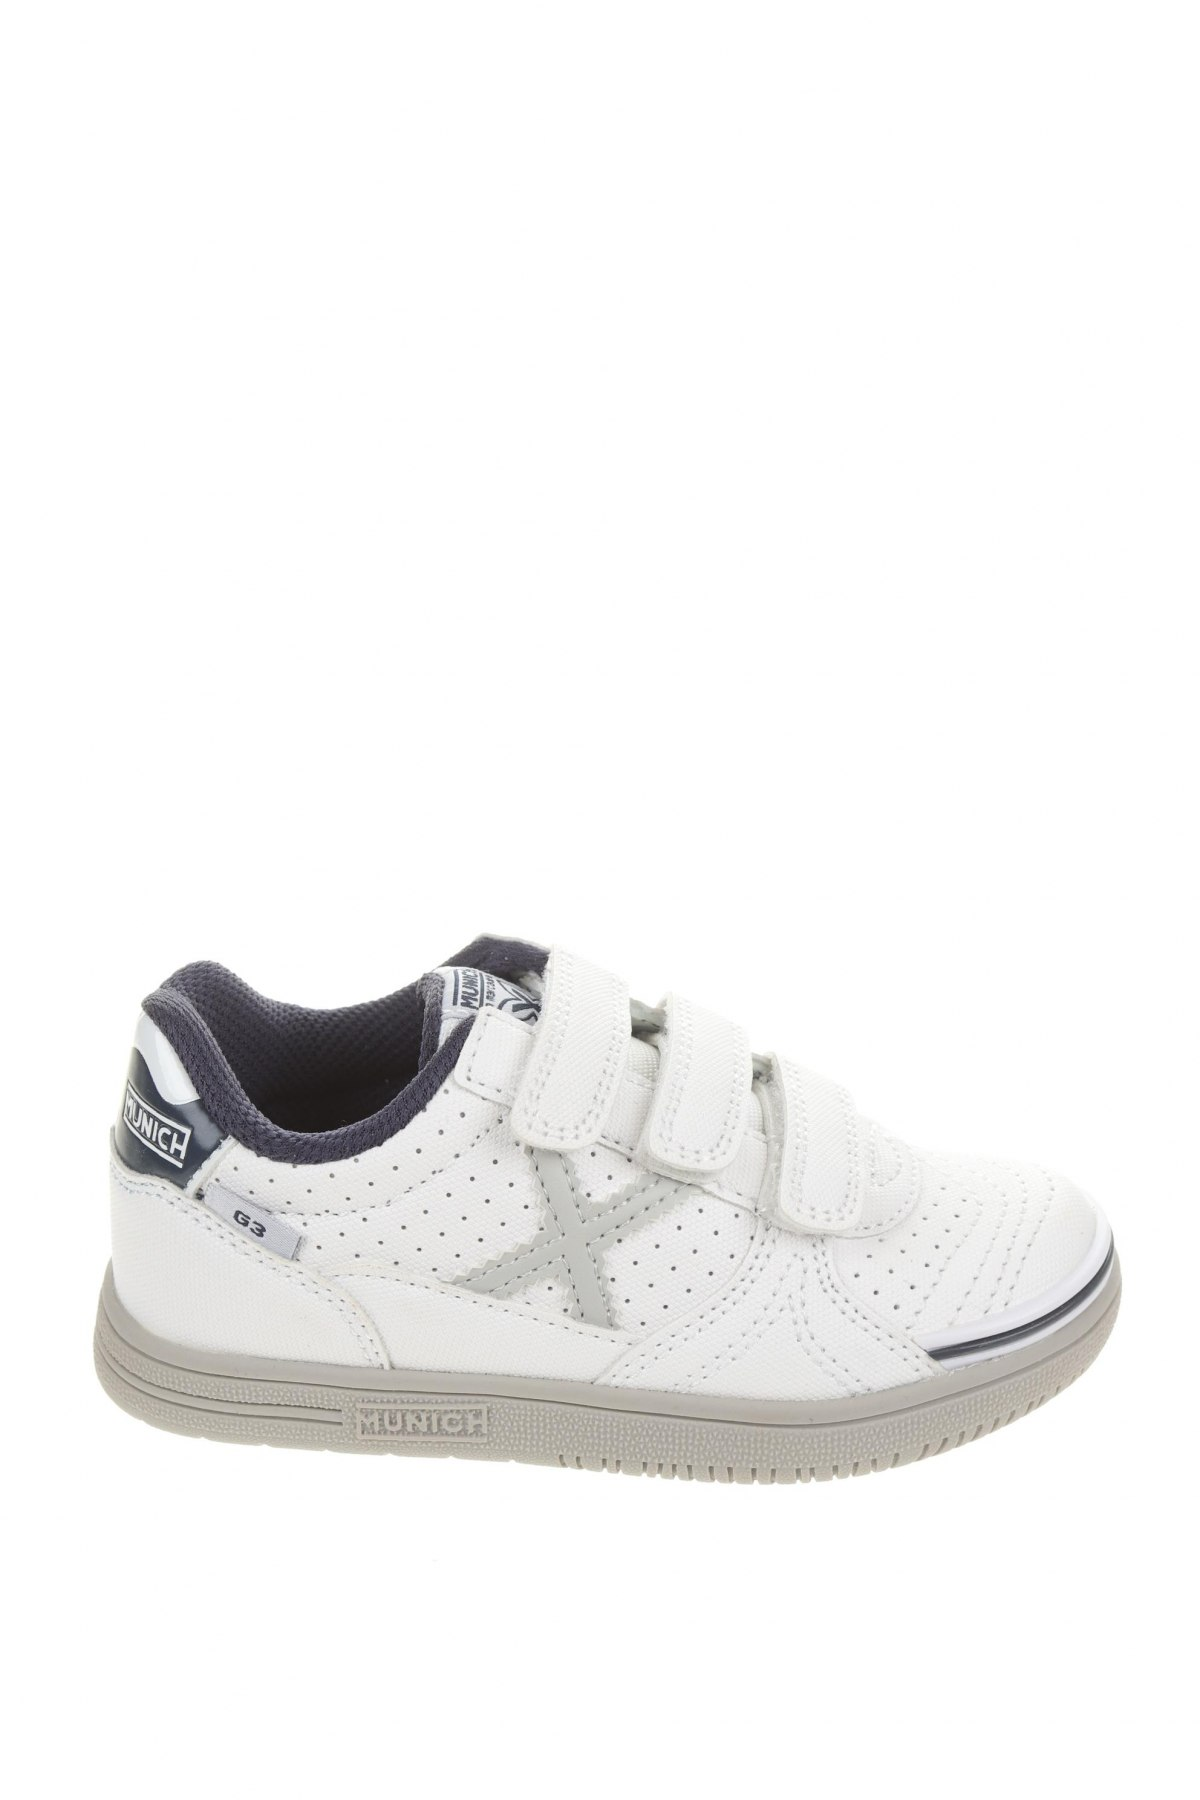 Παιδικά παπούτσια Munich, Μέγεθος 27, Χρώμα Λευκό, Κλωστοϋφαντουργικά προϊόντα, Τιμή 24,33€